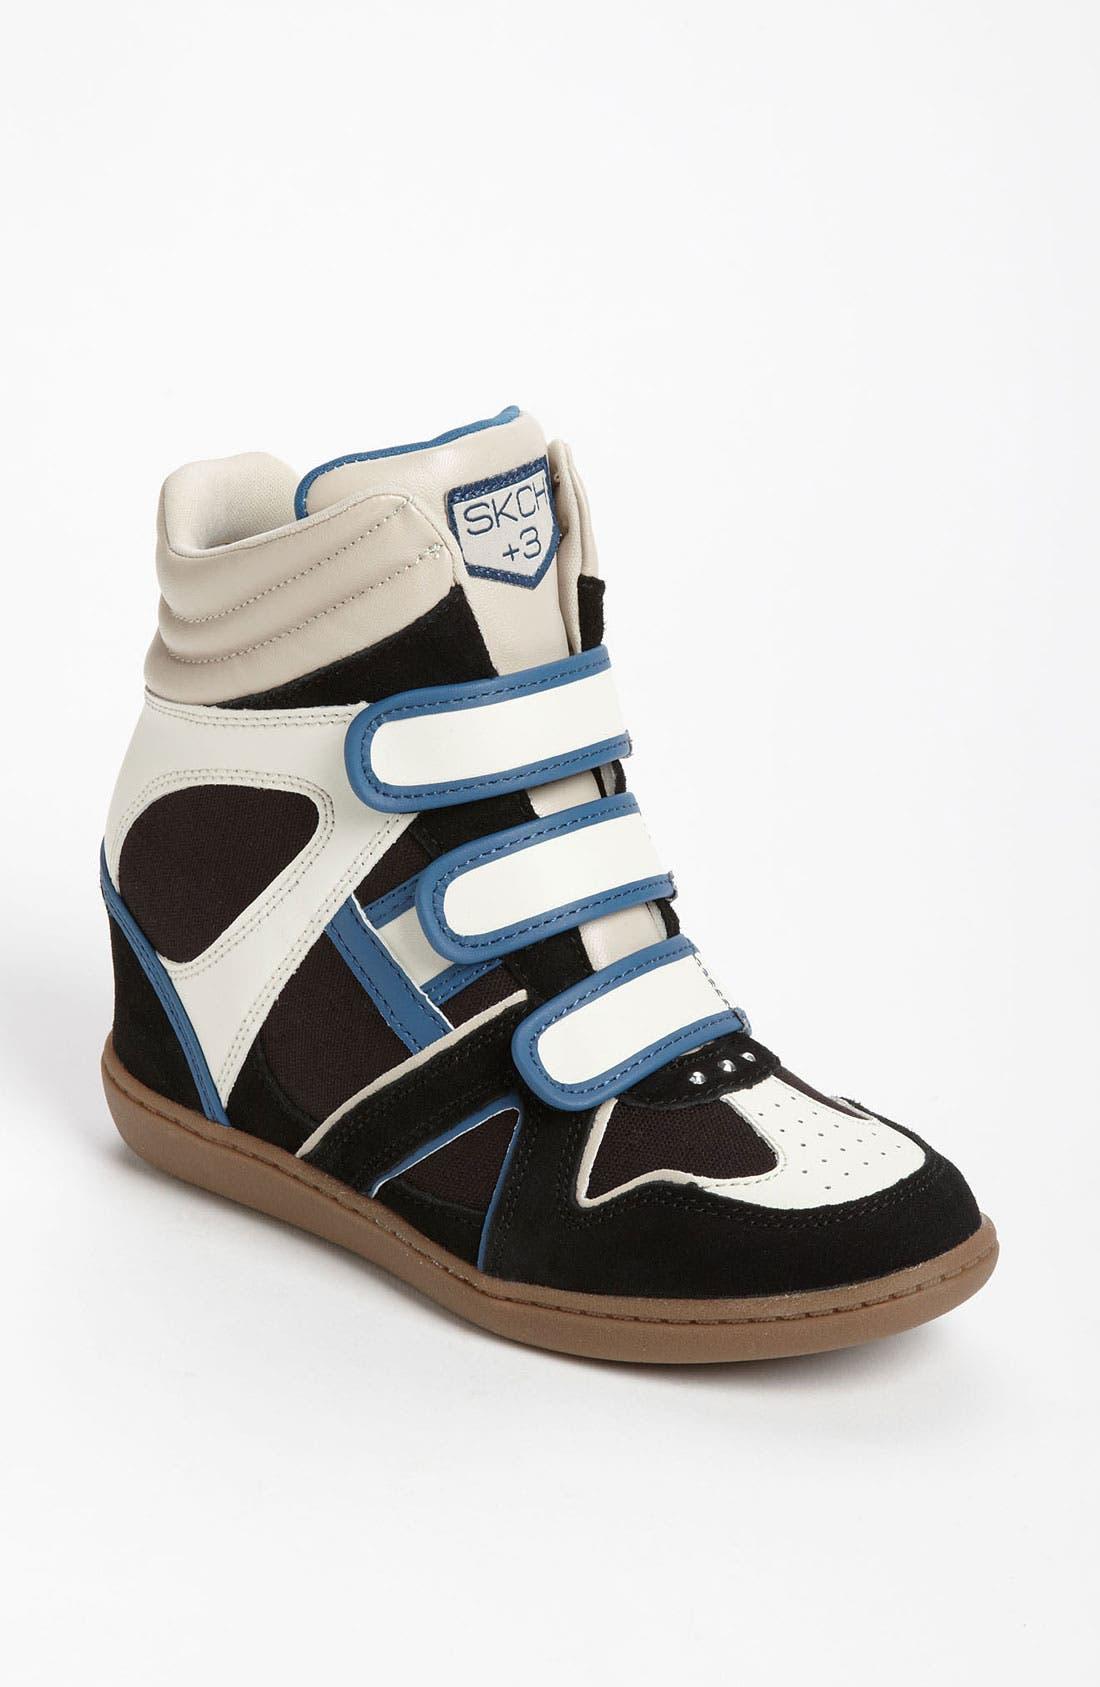 Alternate Image 1 Selected - SKECHERS 'Plus 3 Binder' Sneaker (Women)